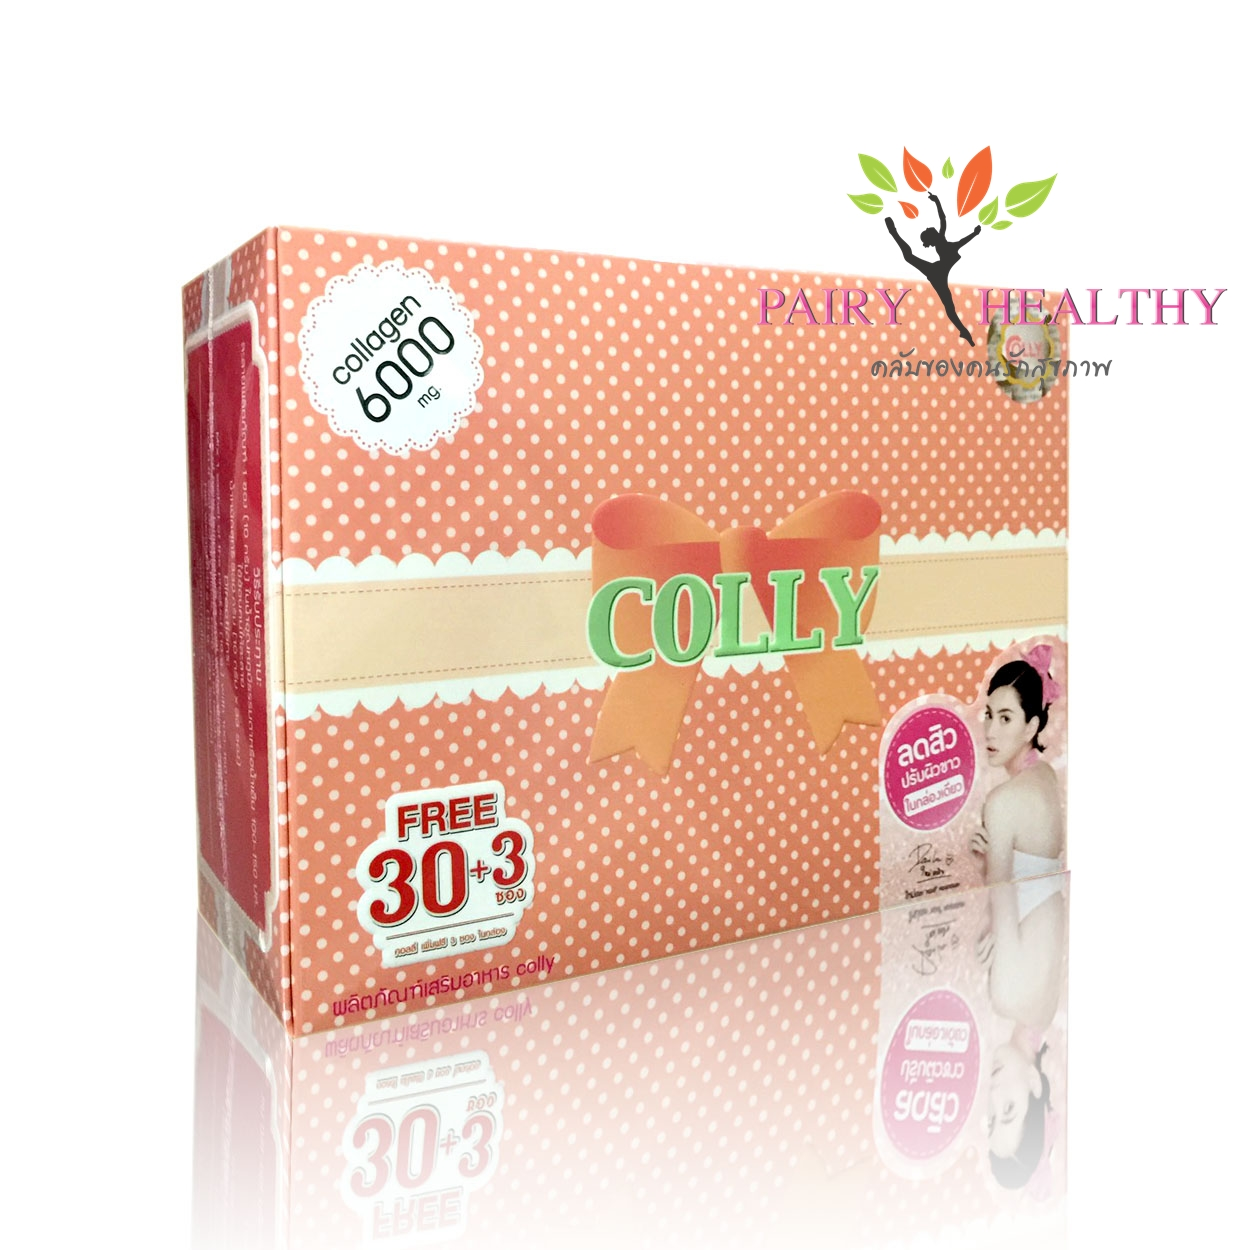 Colly pink 6000mg. 30ซอง ราคา 795 บาท ส่งฟรี ลทบ.